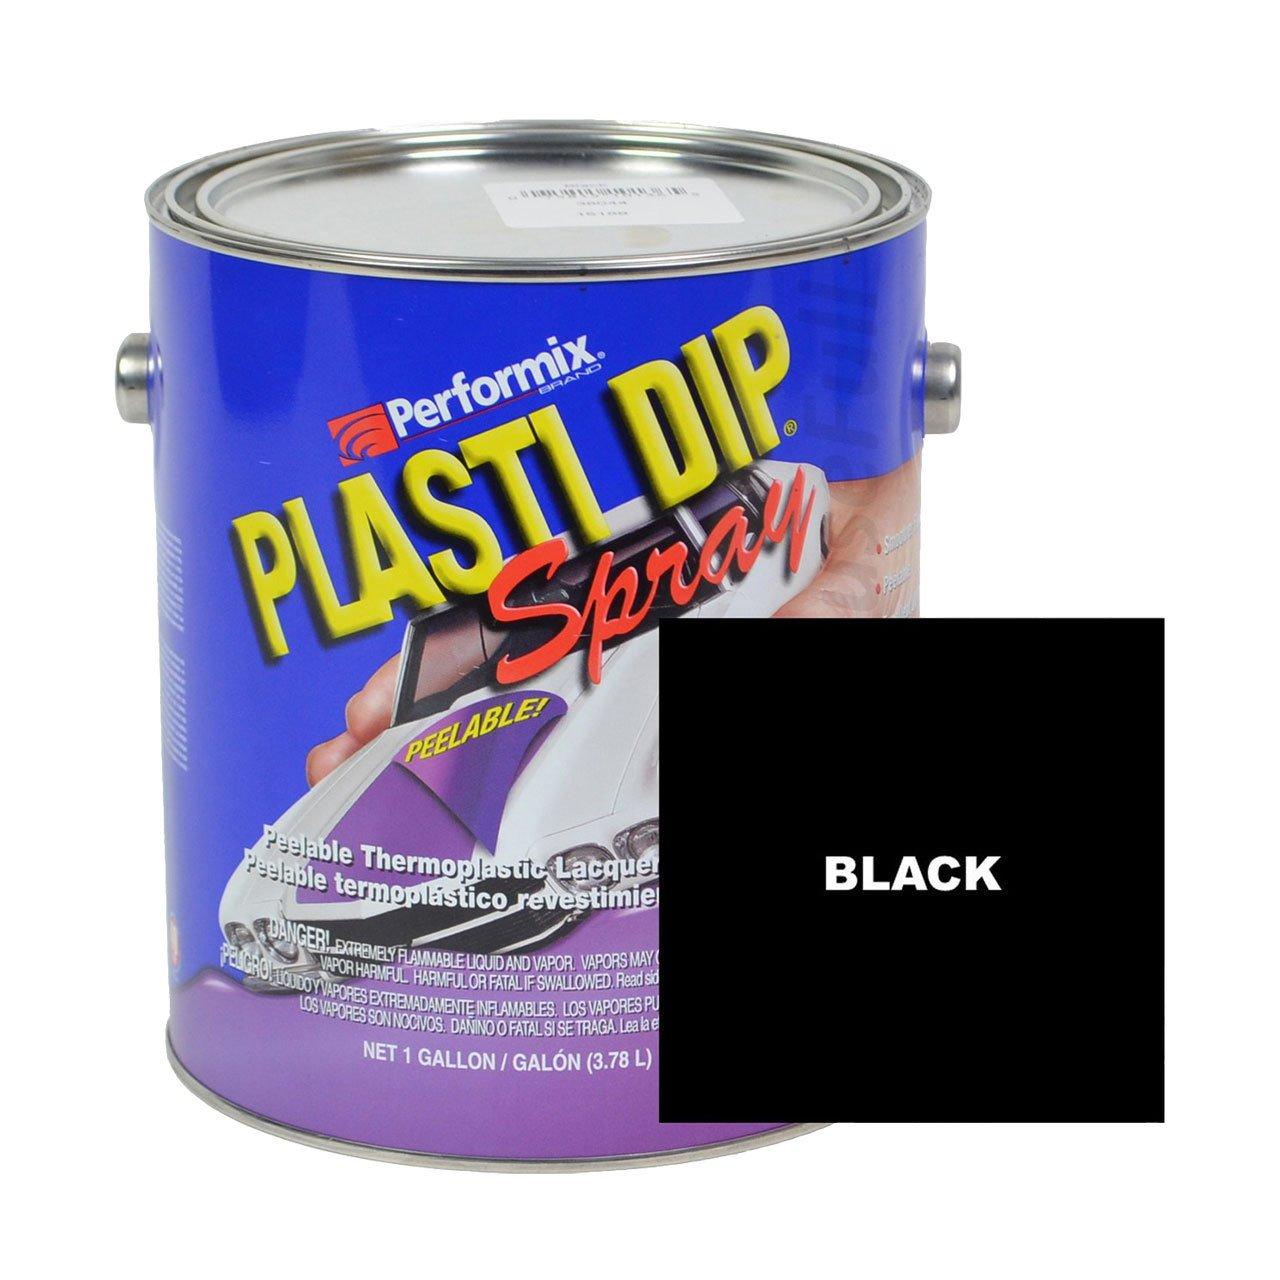 Plasti Dip Multi-purpose Rubber Coating Spray - Sprayable - One Gallon (128oz) - Black by Plasti Dip